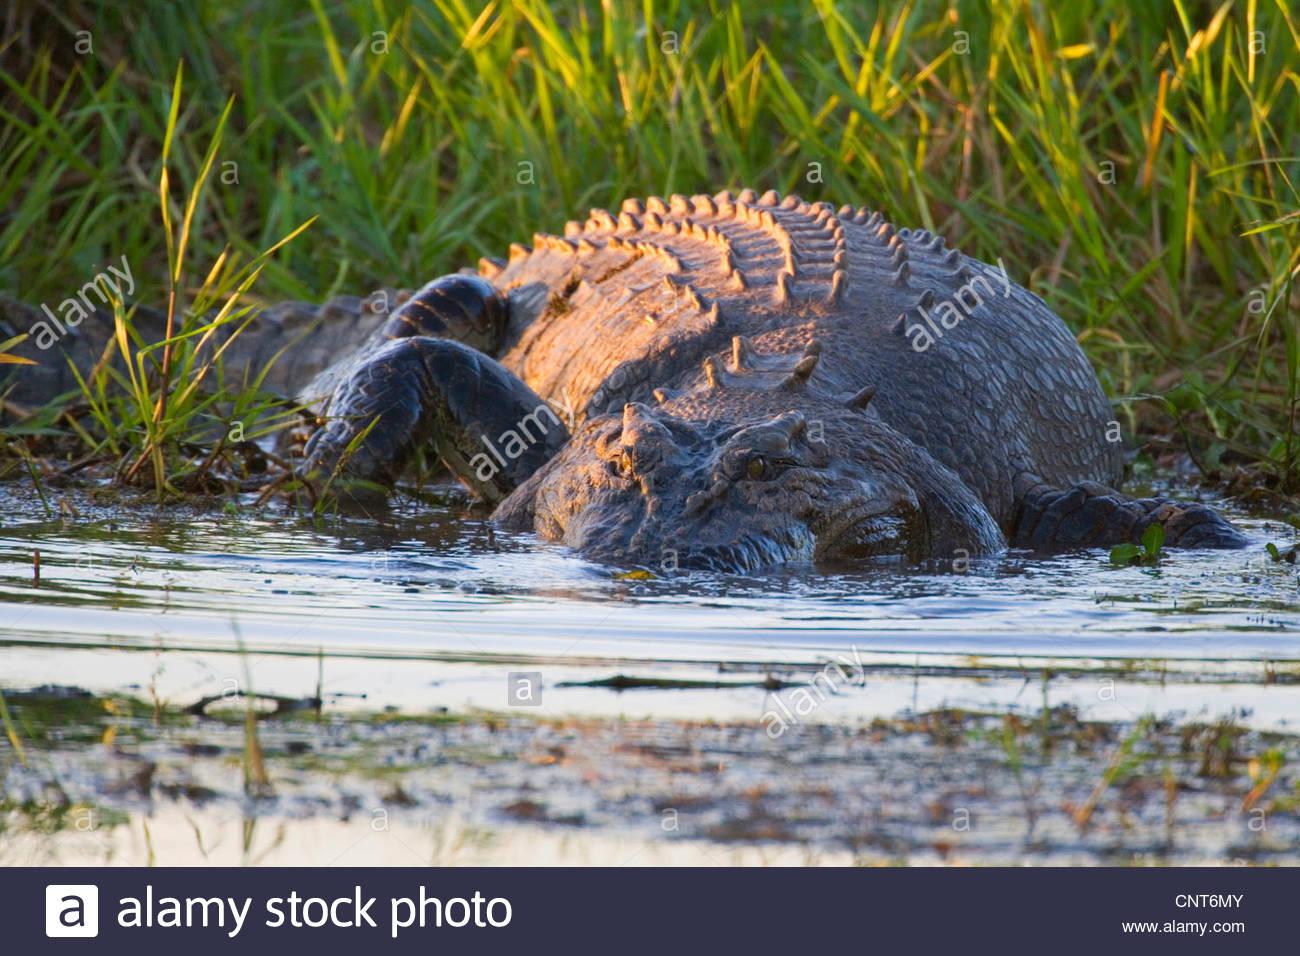 saltwater crocodile, estuarine crocodile (Crocodylus porosus), big Saltwater Crocodile lying in wait for prey in - Stock Image